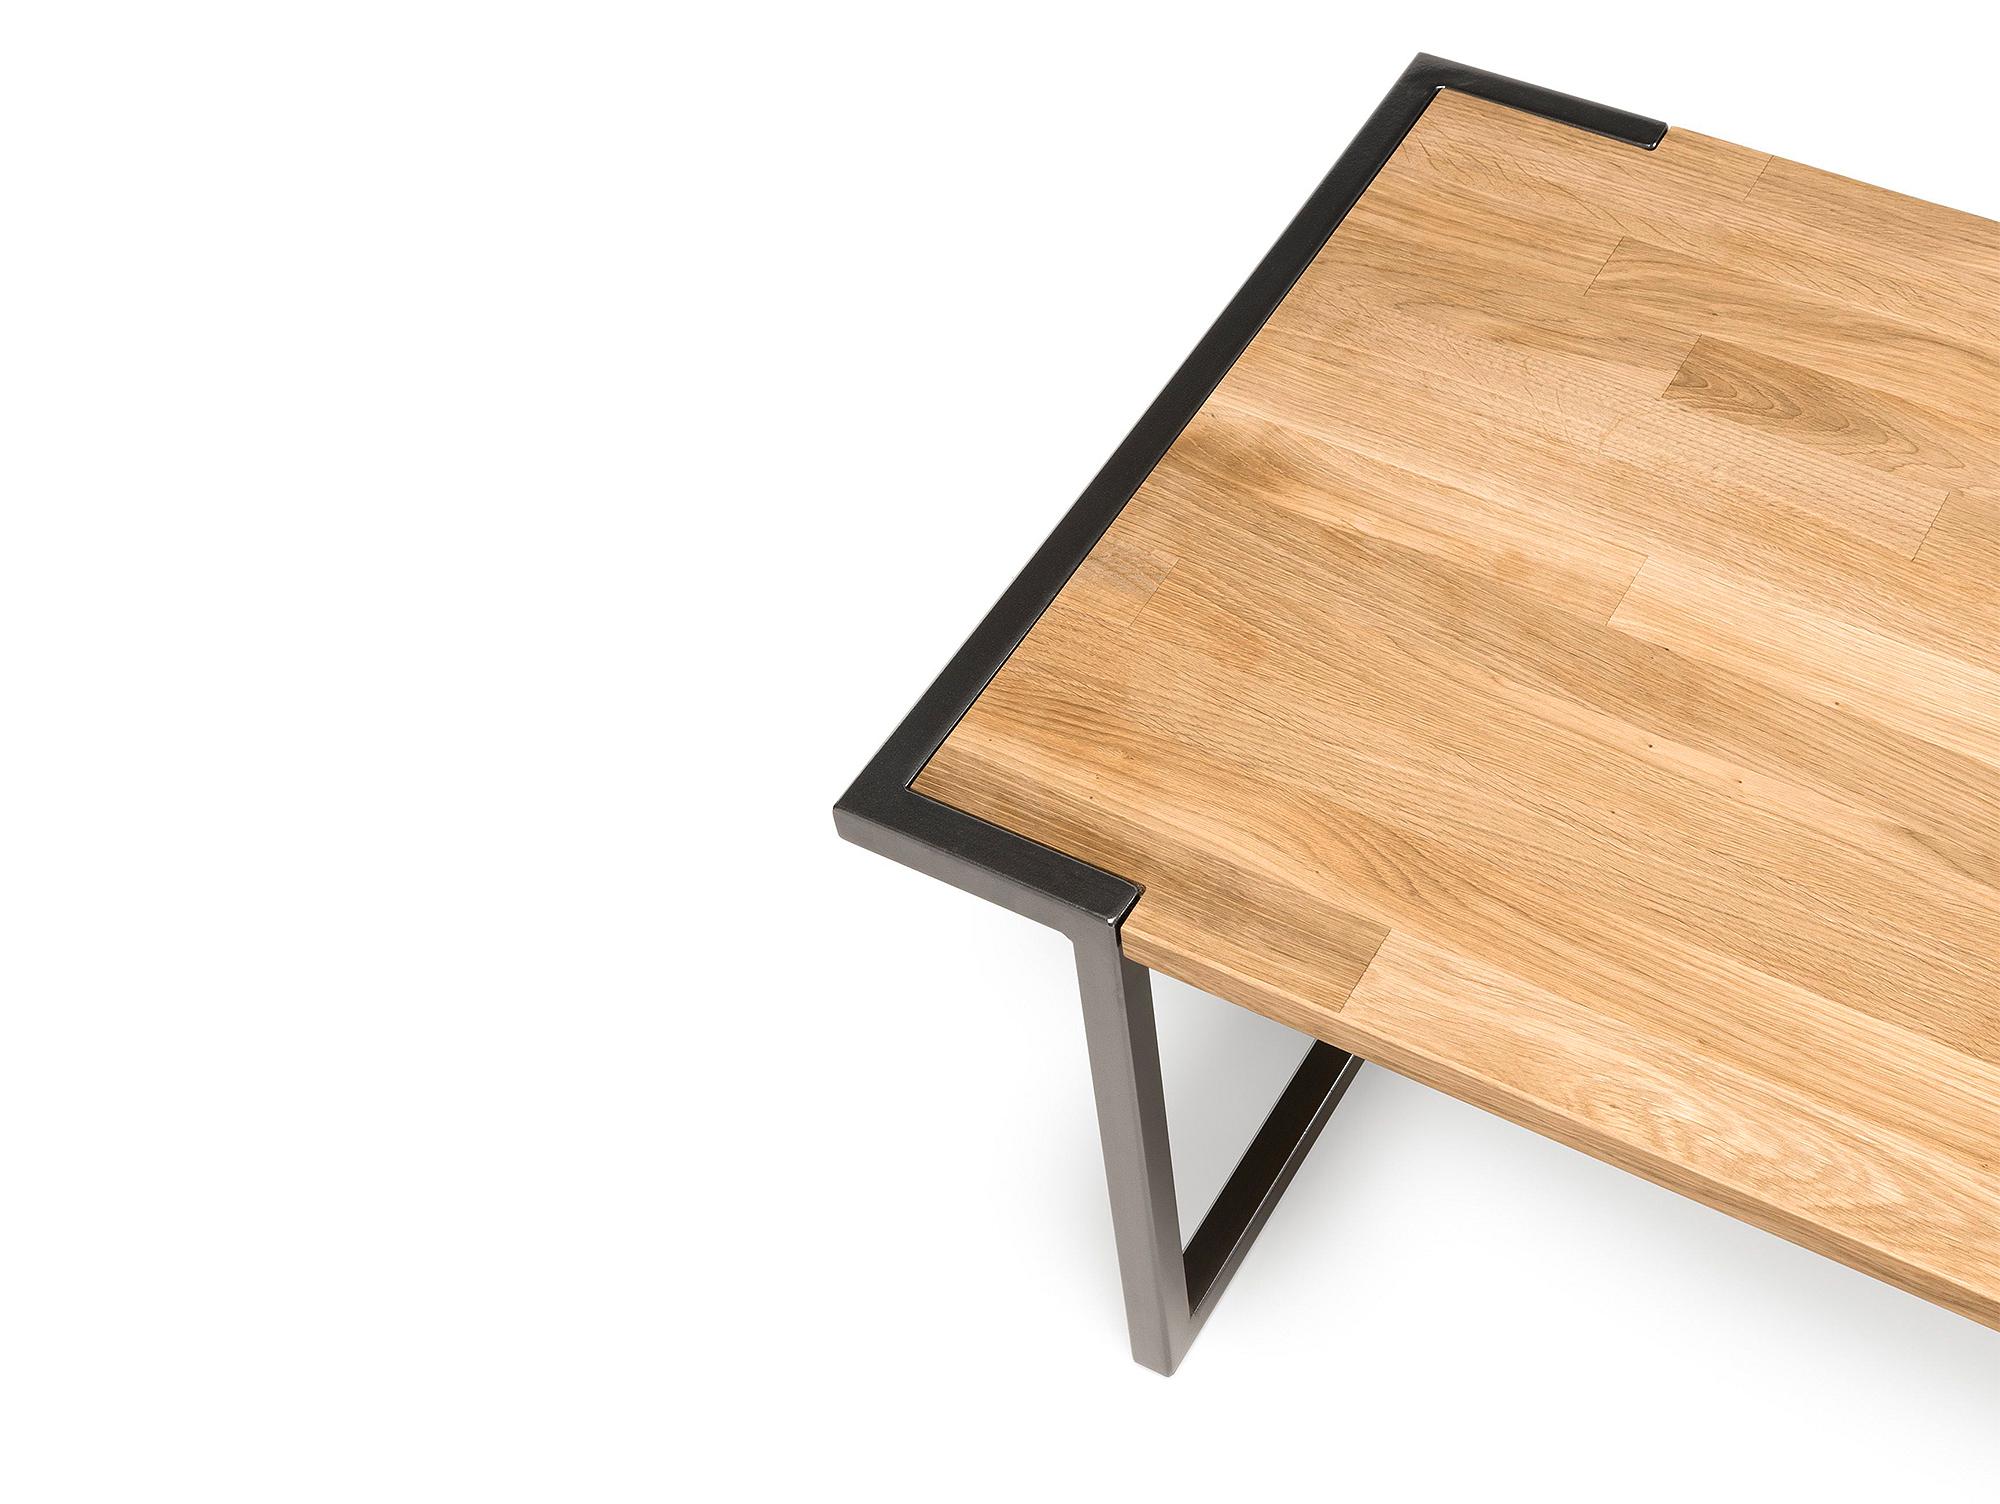 valletta couchtisch eiche ge lt. Black Bedroom Furniture Sets. Home Design Ideas